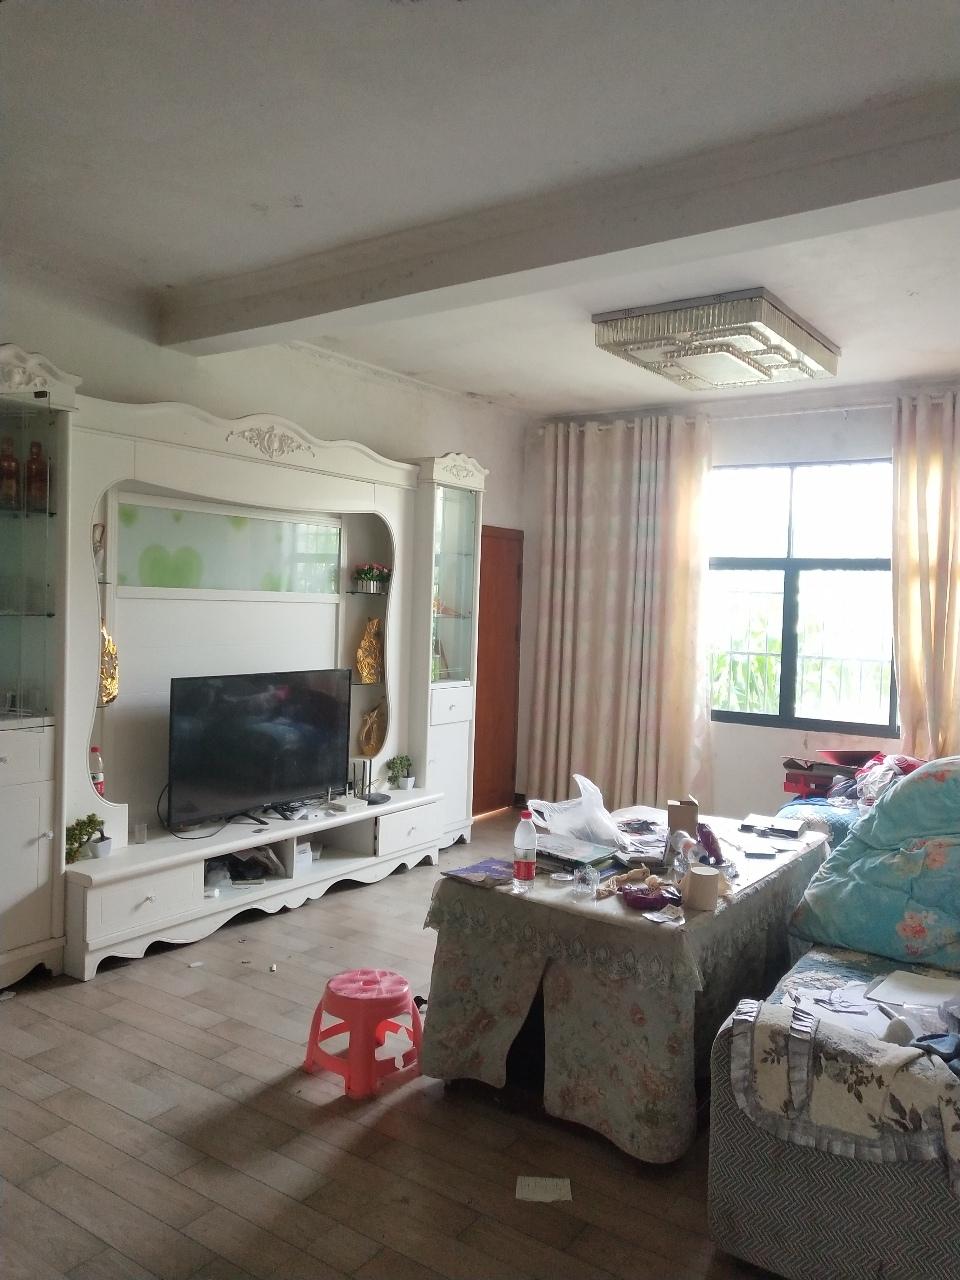 锦绣幸福家园(公租房)3室 2厅 1卫40万元